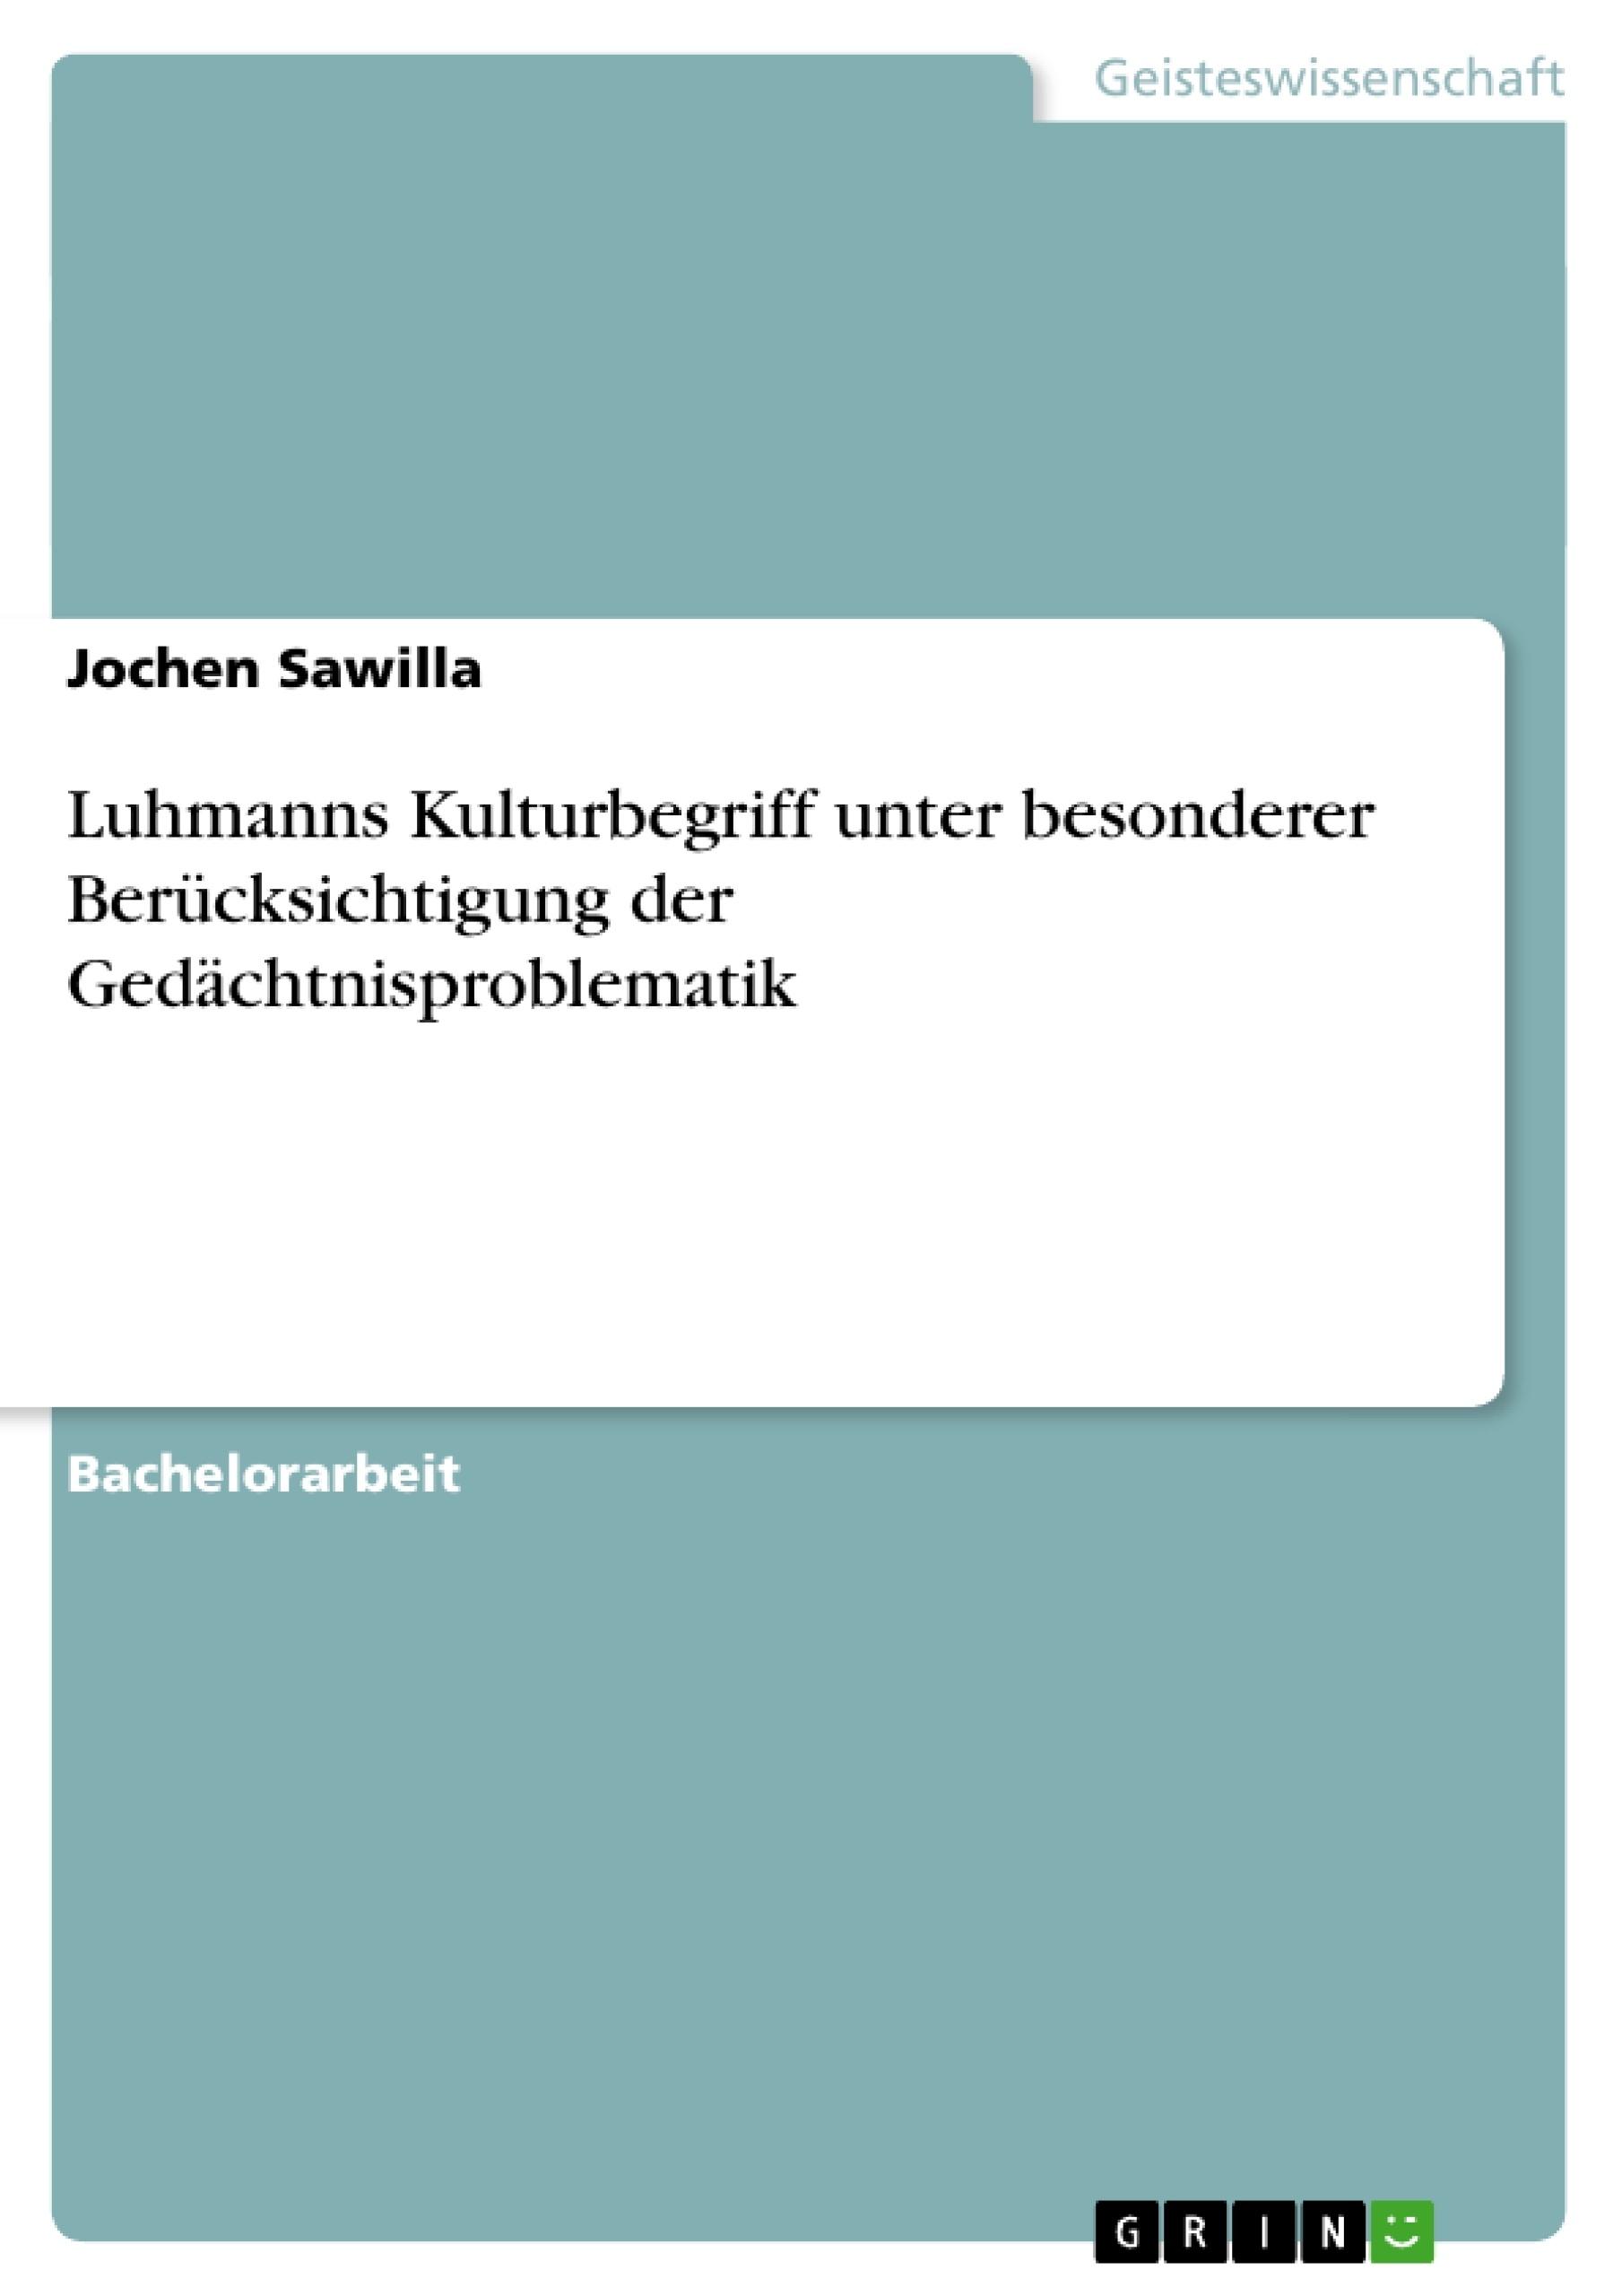 Titel: Luhmanns Kulturbegriff unter besonderer Berücksichtigung der Gedächtnisproblematik